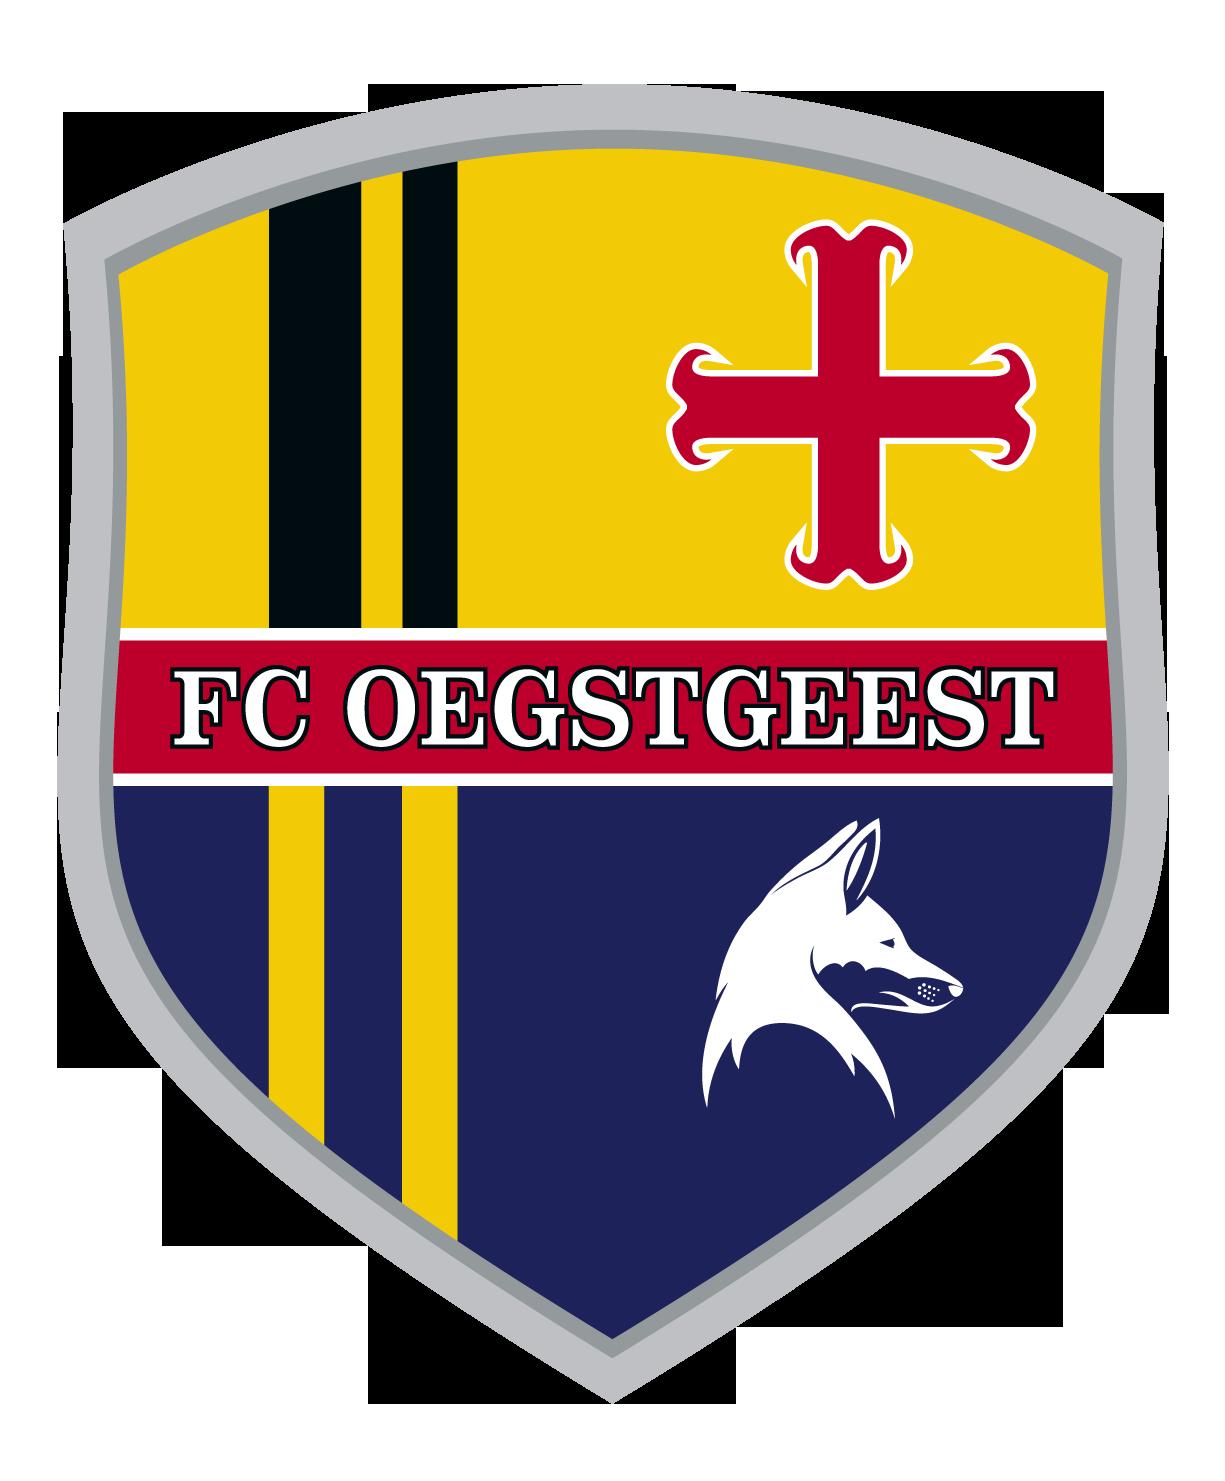 FC Oegstgeest haalt oud papier op